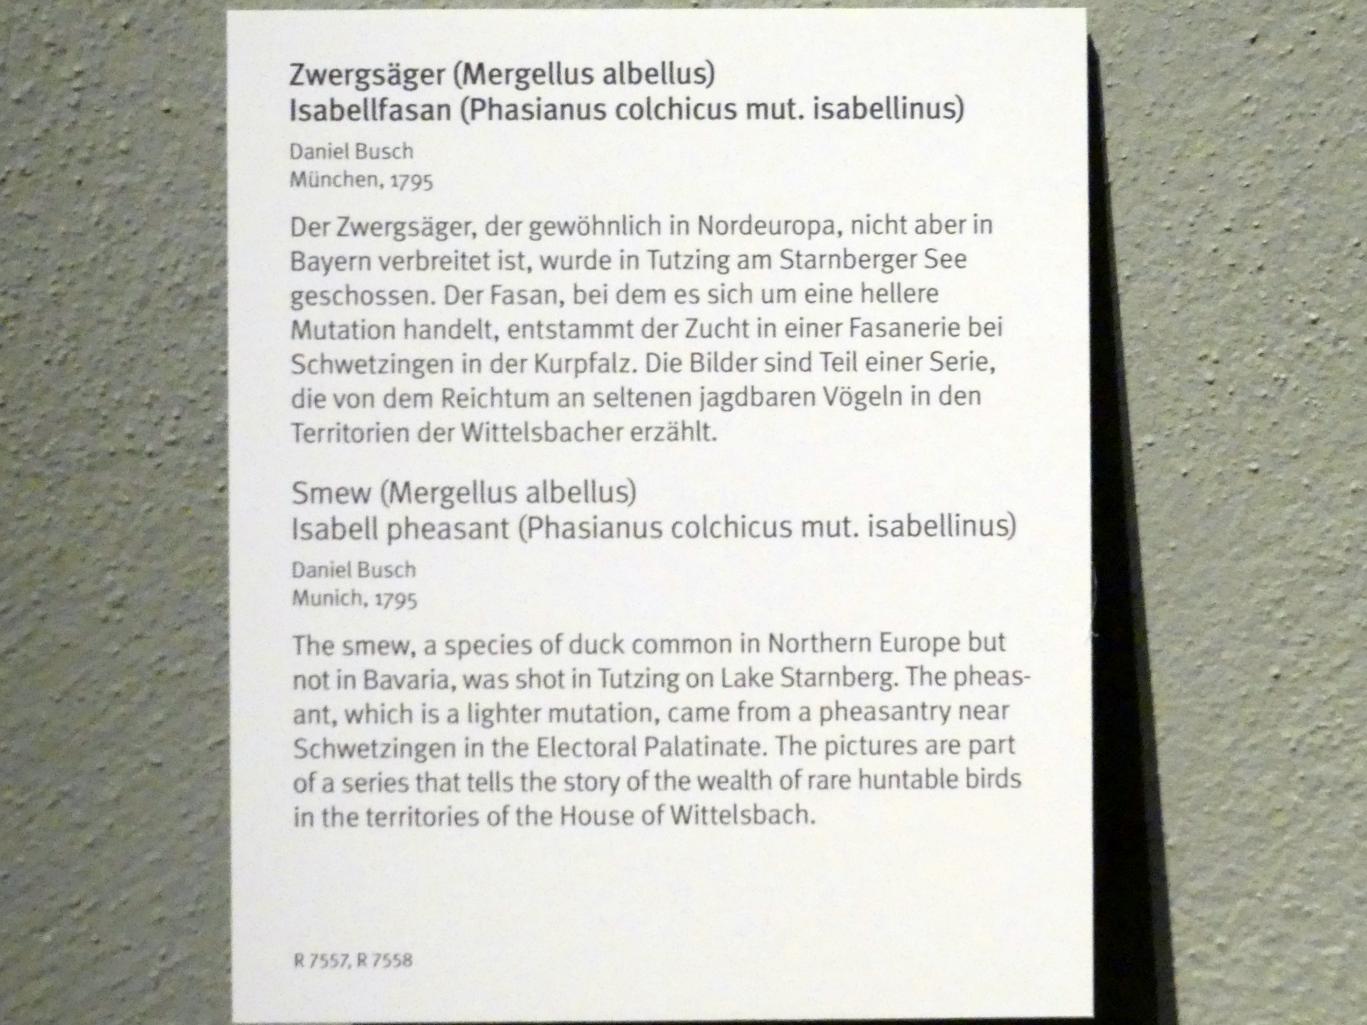 Daniel Busch: Zwergsäger (Mergellus albellus), 1795, Bild 2/2